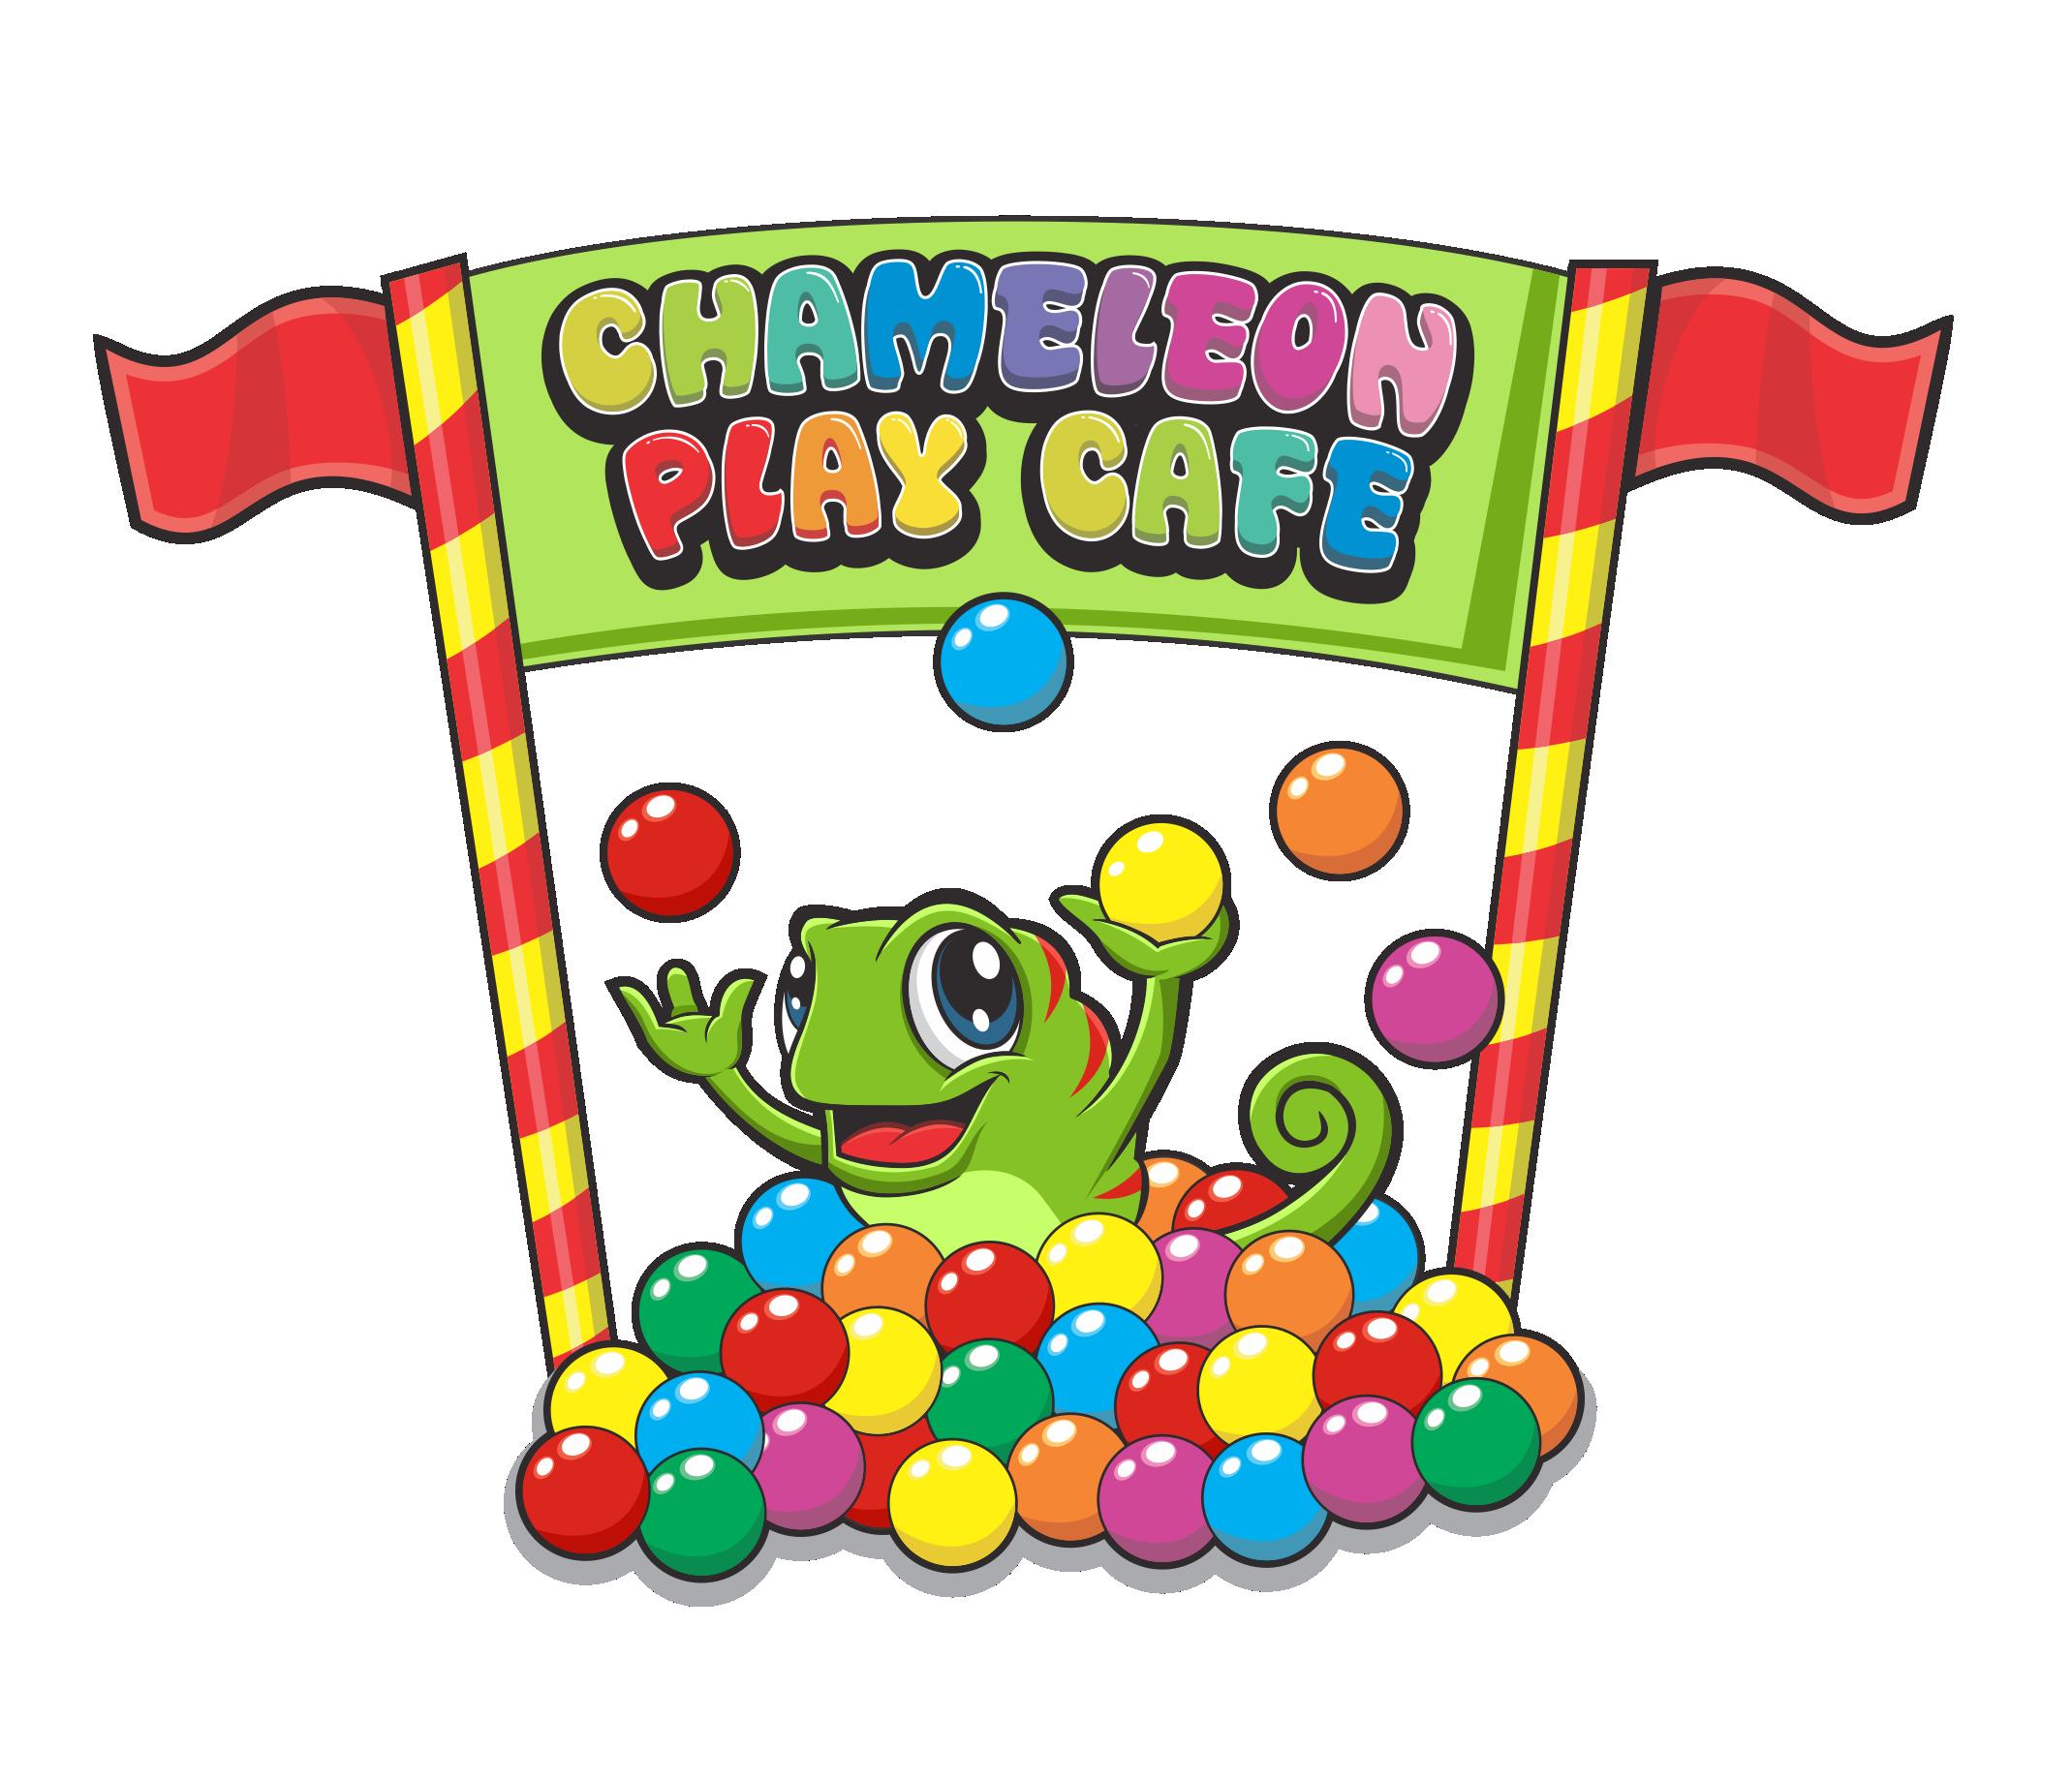 Chameleon Play Cafe